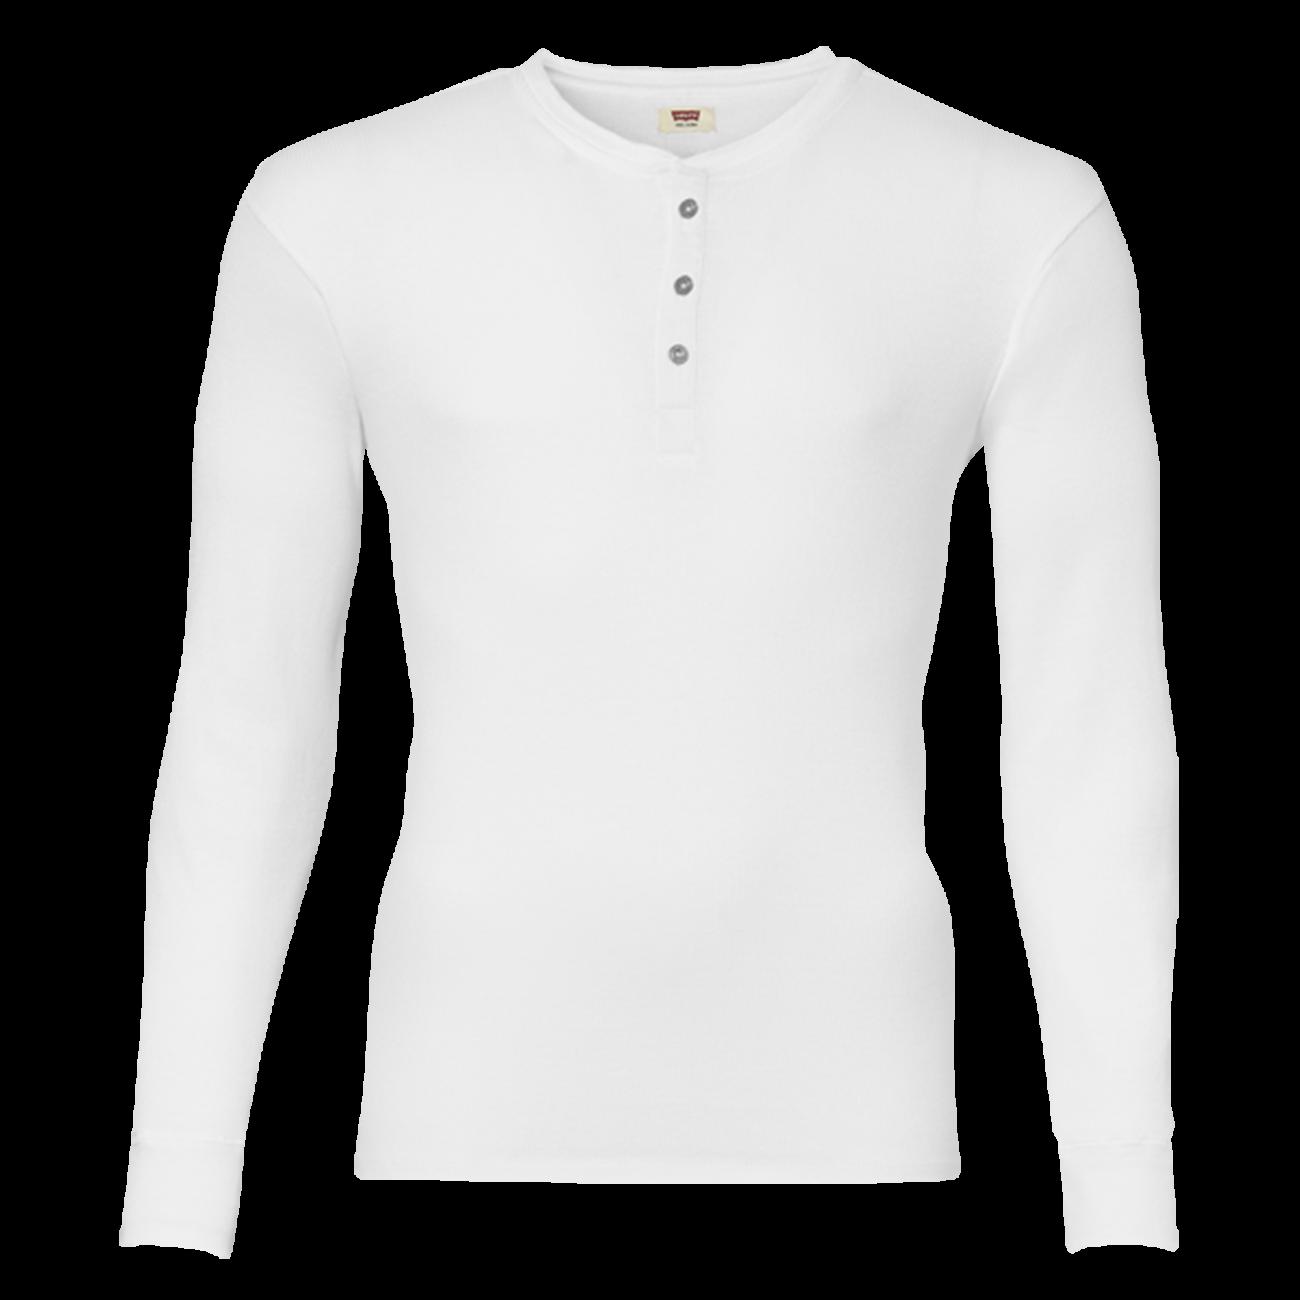 newest 4d40e 6525b Levis Herren Langarm Shirt 300LS Long Sleeve 1er Pack